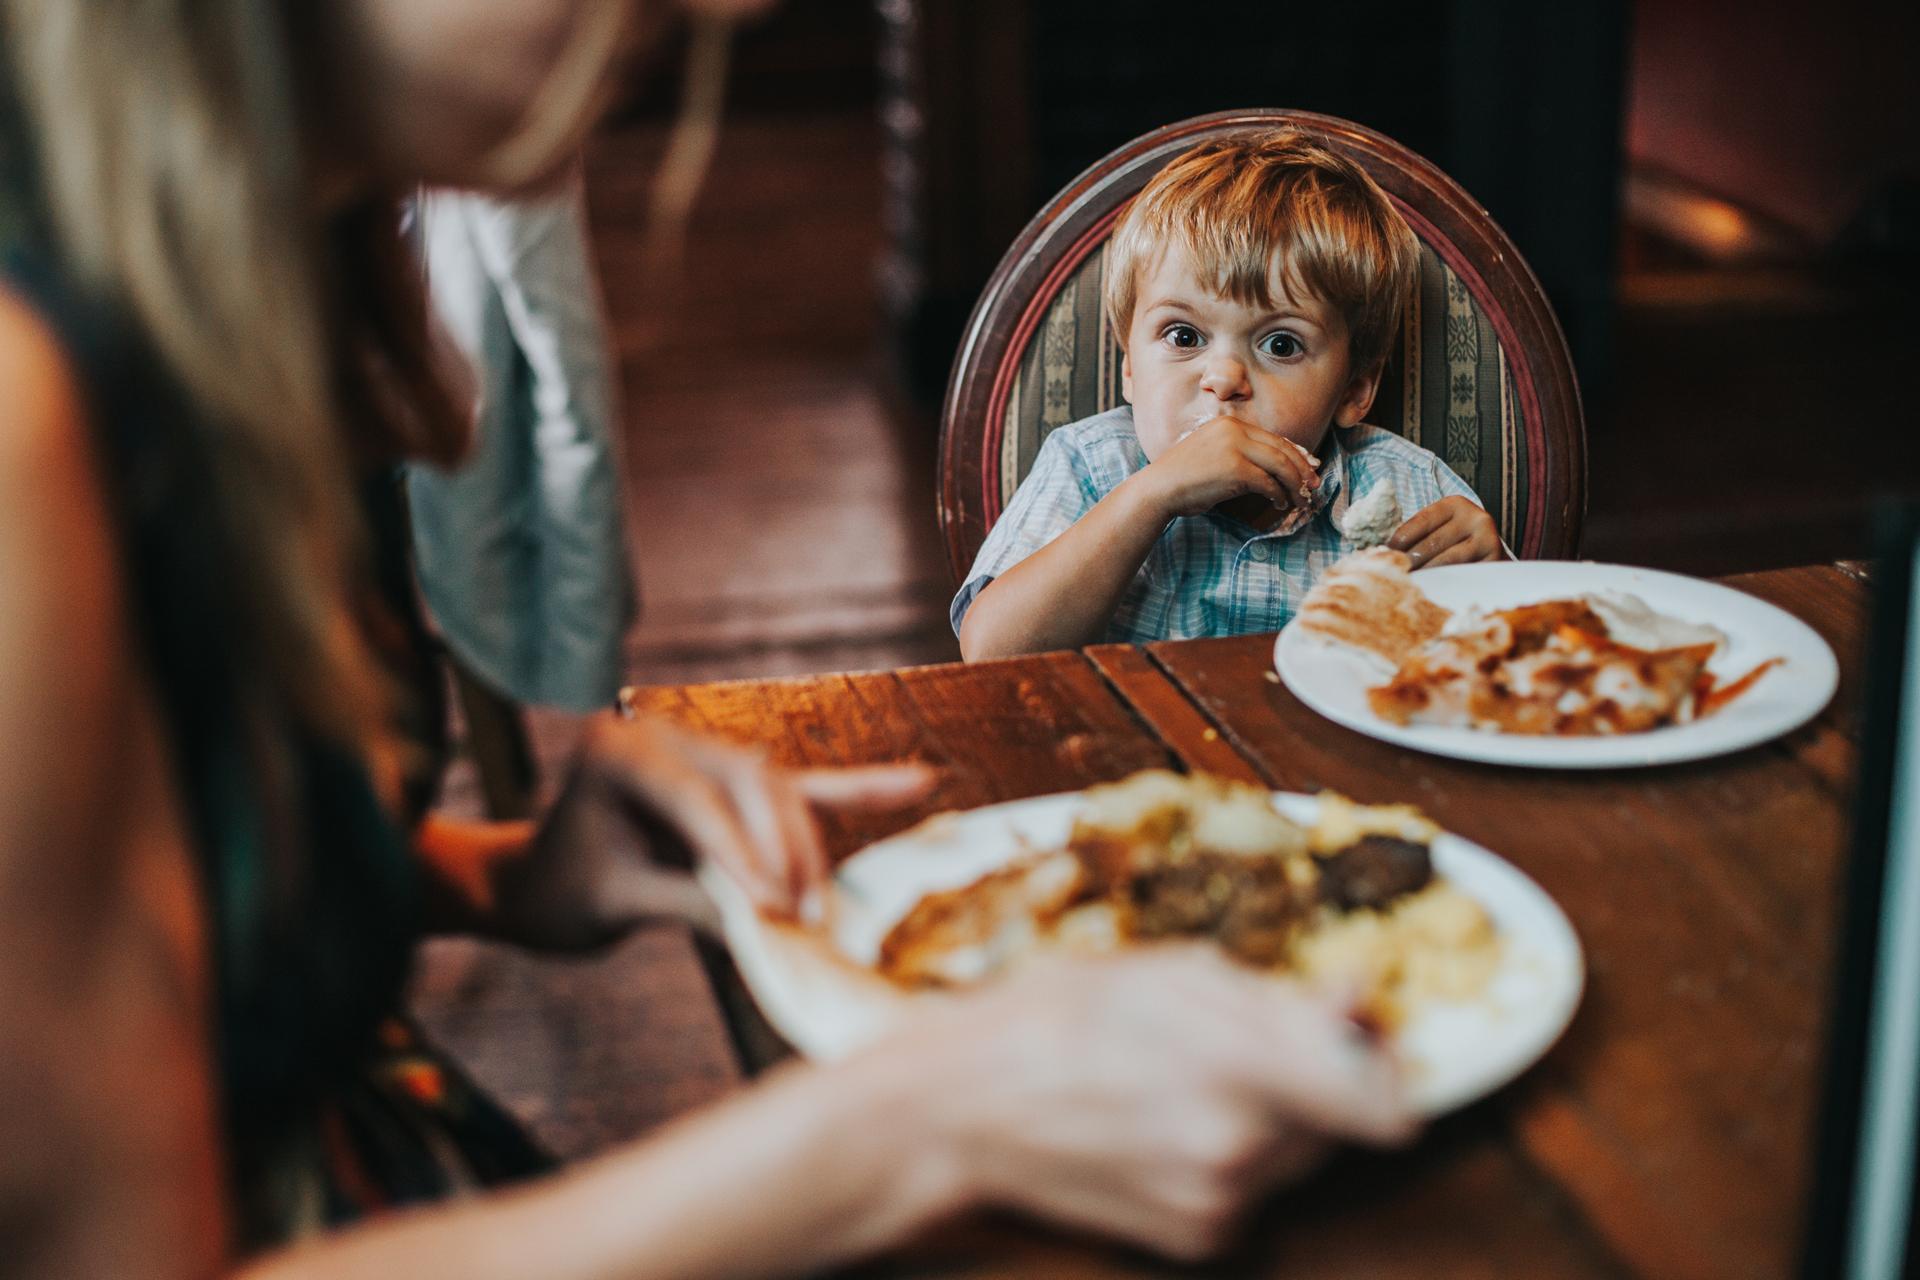 Little boy eats his dinner.